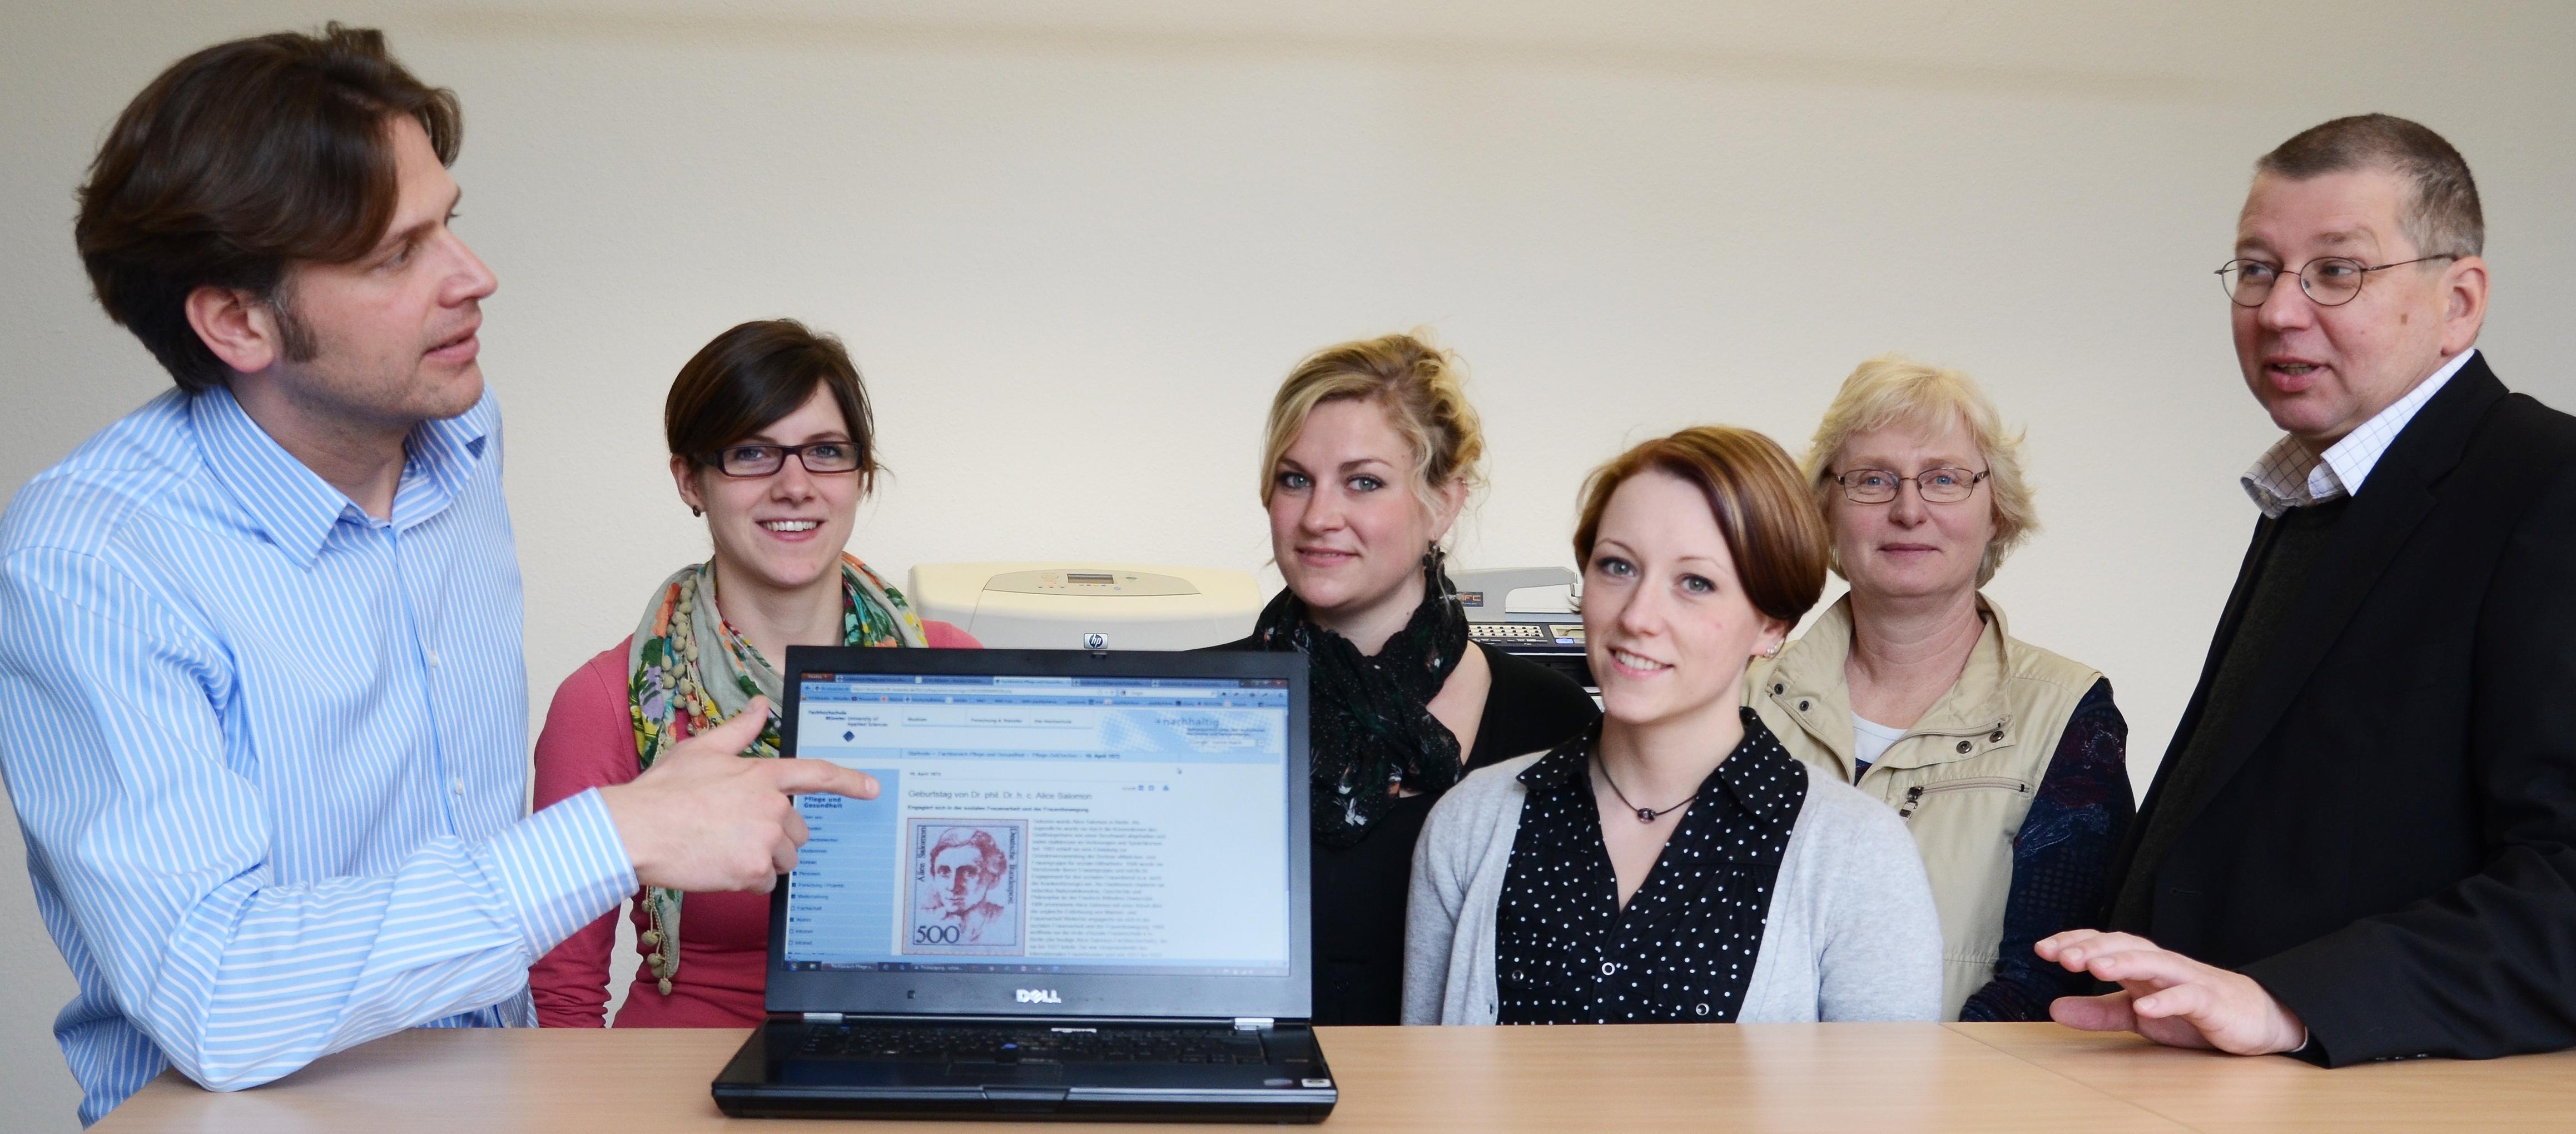 Online-Redakteur Karsten Schäpermeier, die Studentinnen Rebekka Plum, Verena Drescher und Marion Fischer sowie Projektbetreuerin Dr. Mareike Deiters und Fachbereichsdekan Prof. Dr. Rüdiger Ostermann.